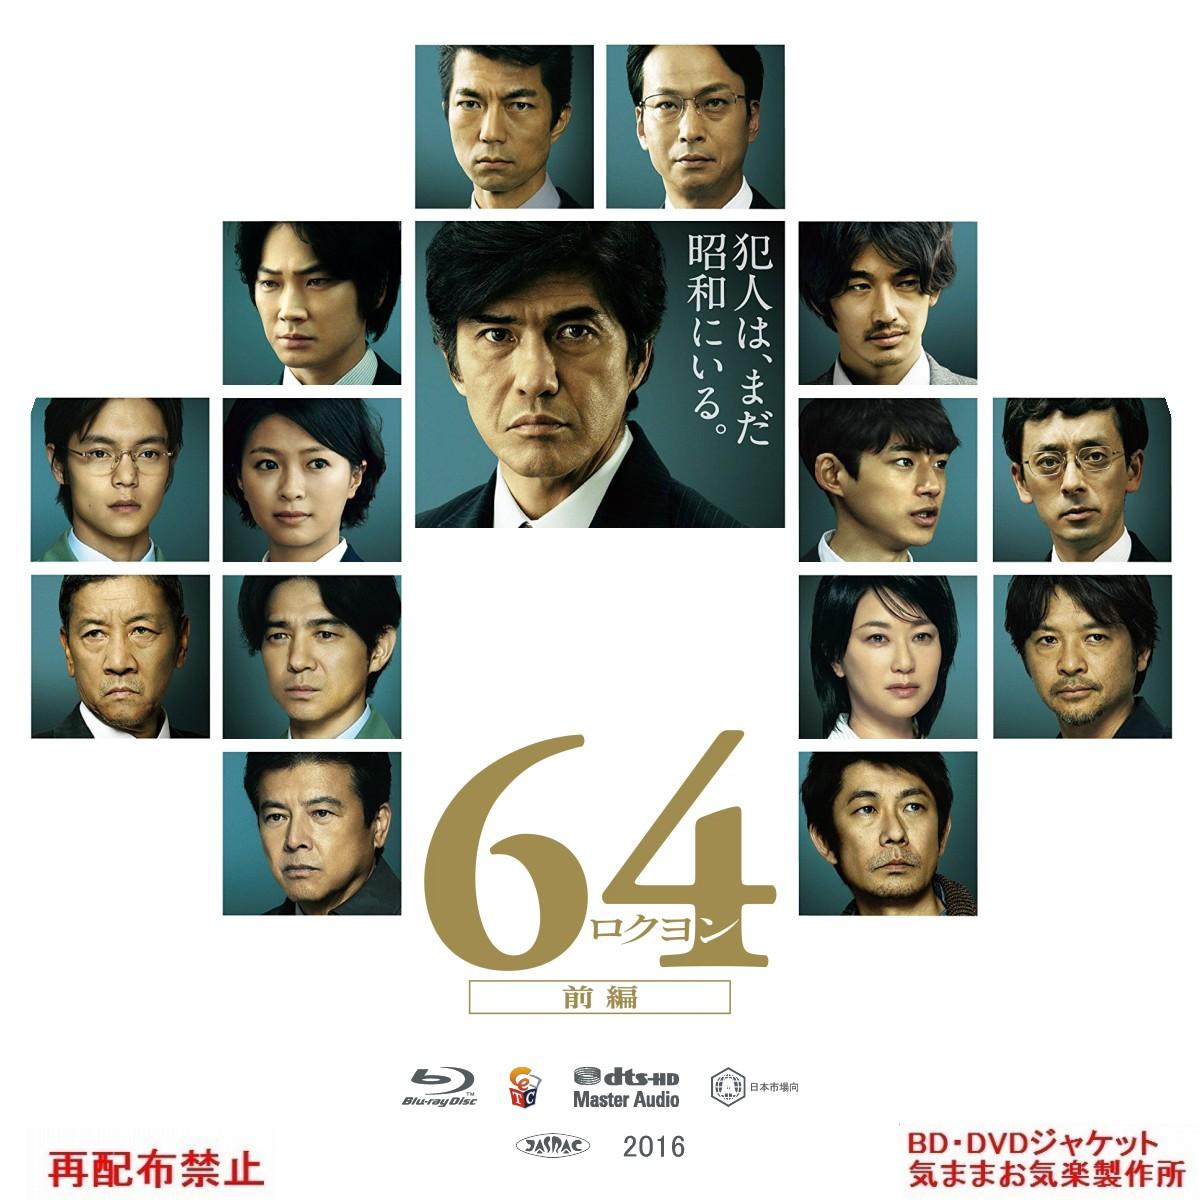 64_zenpen_BD.jpg